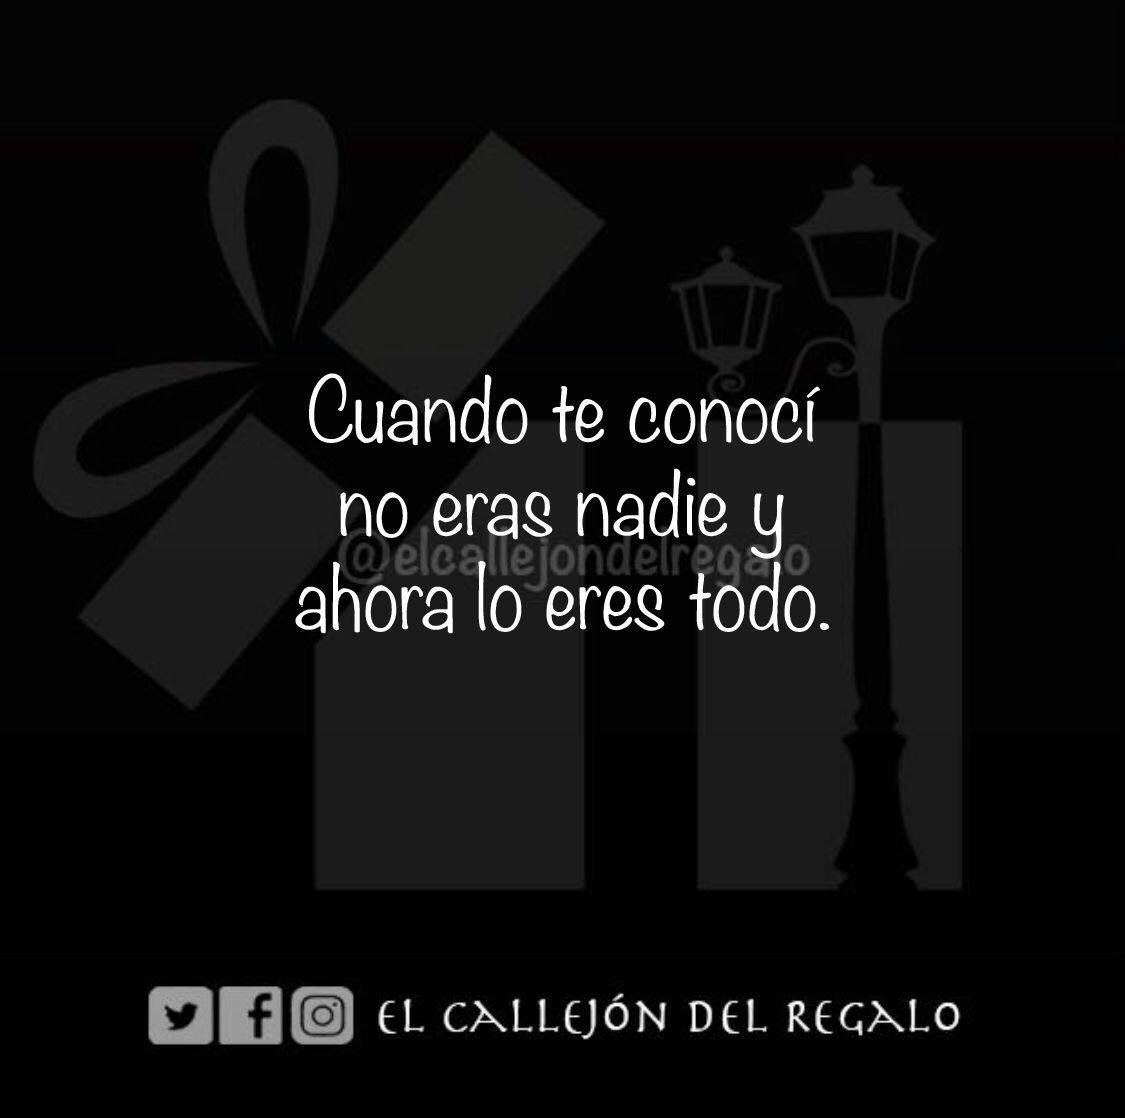 El Callejon Del Regalo On Twitter Regalos Regalosoriginales